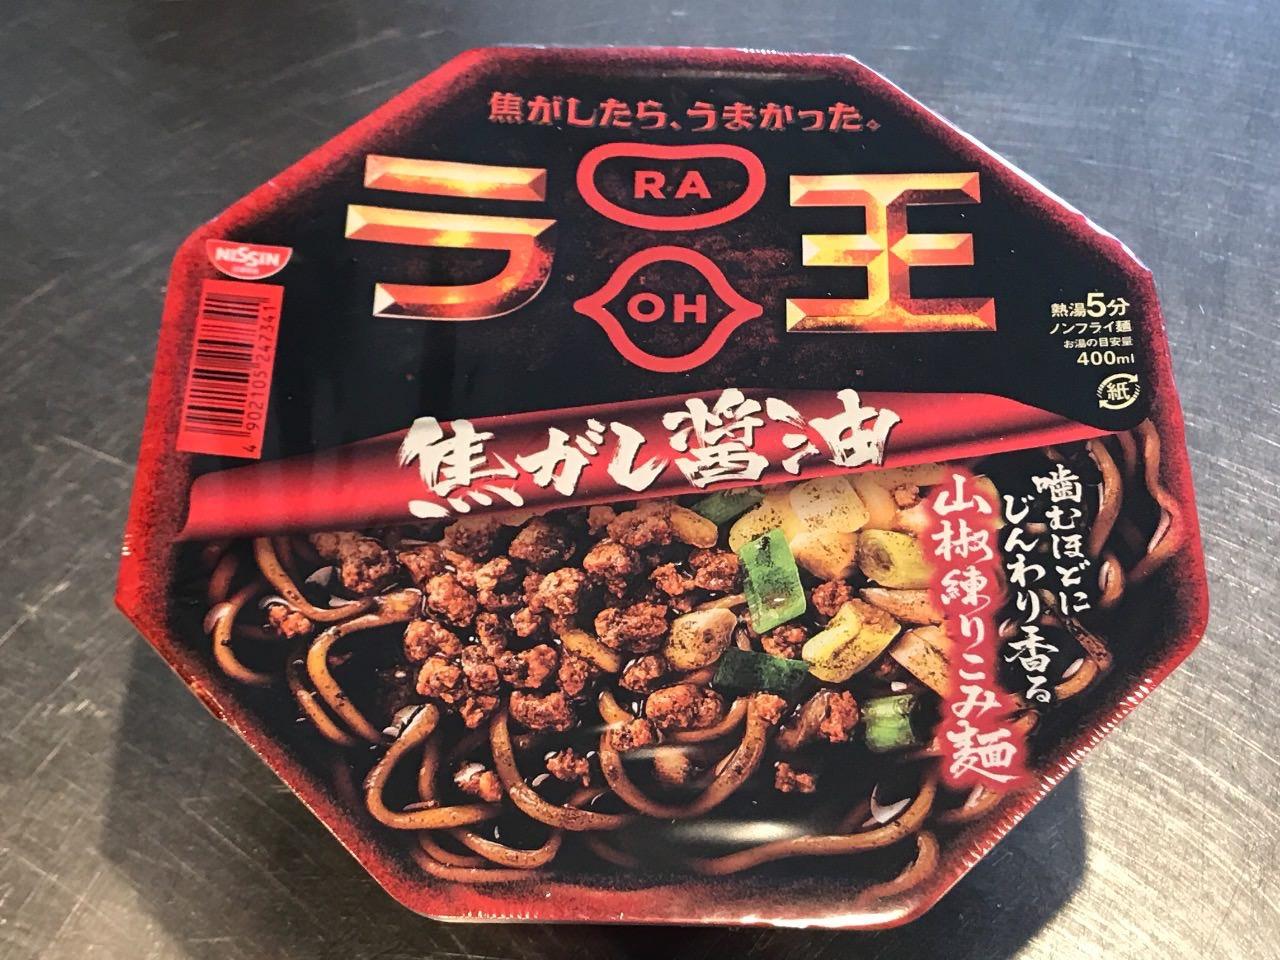 「ラ王 焦がし醤油」ジェネリック五行は山椒練り込み麺が美味い!【感想】